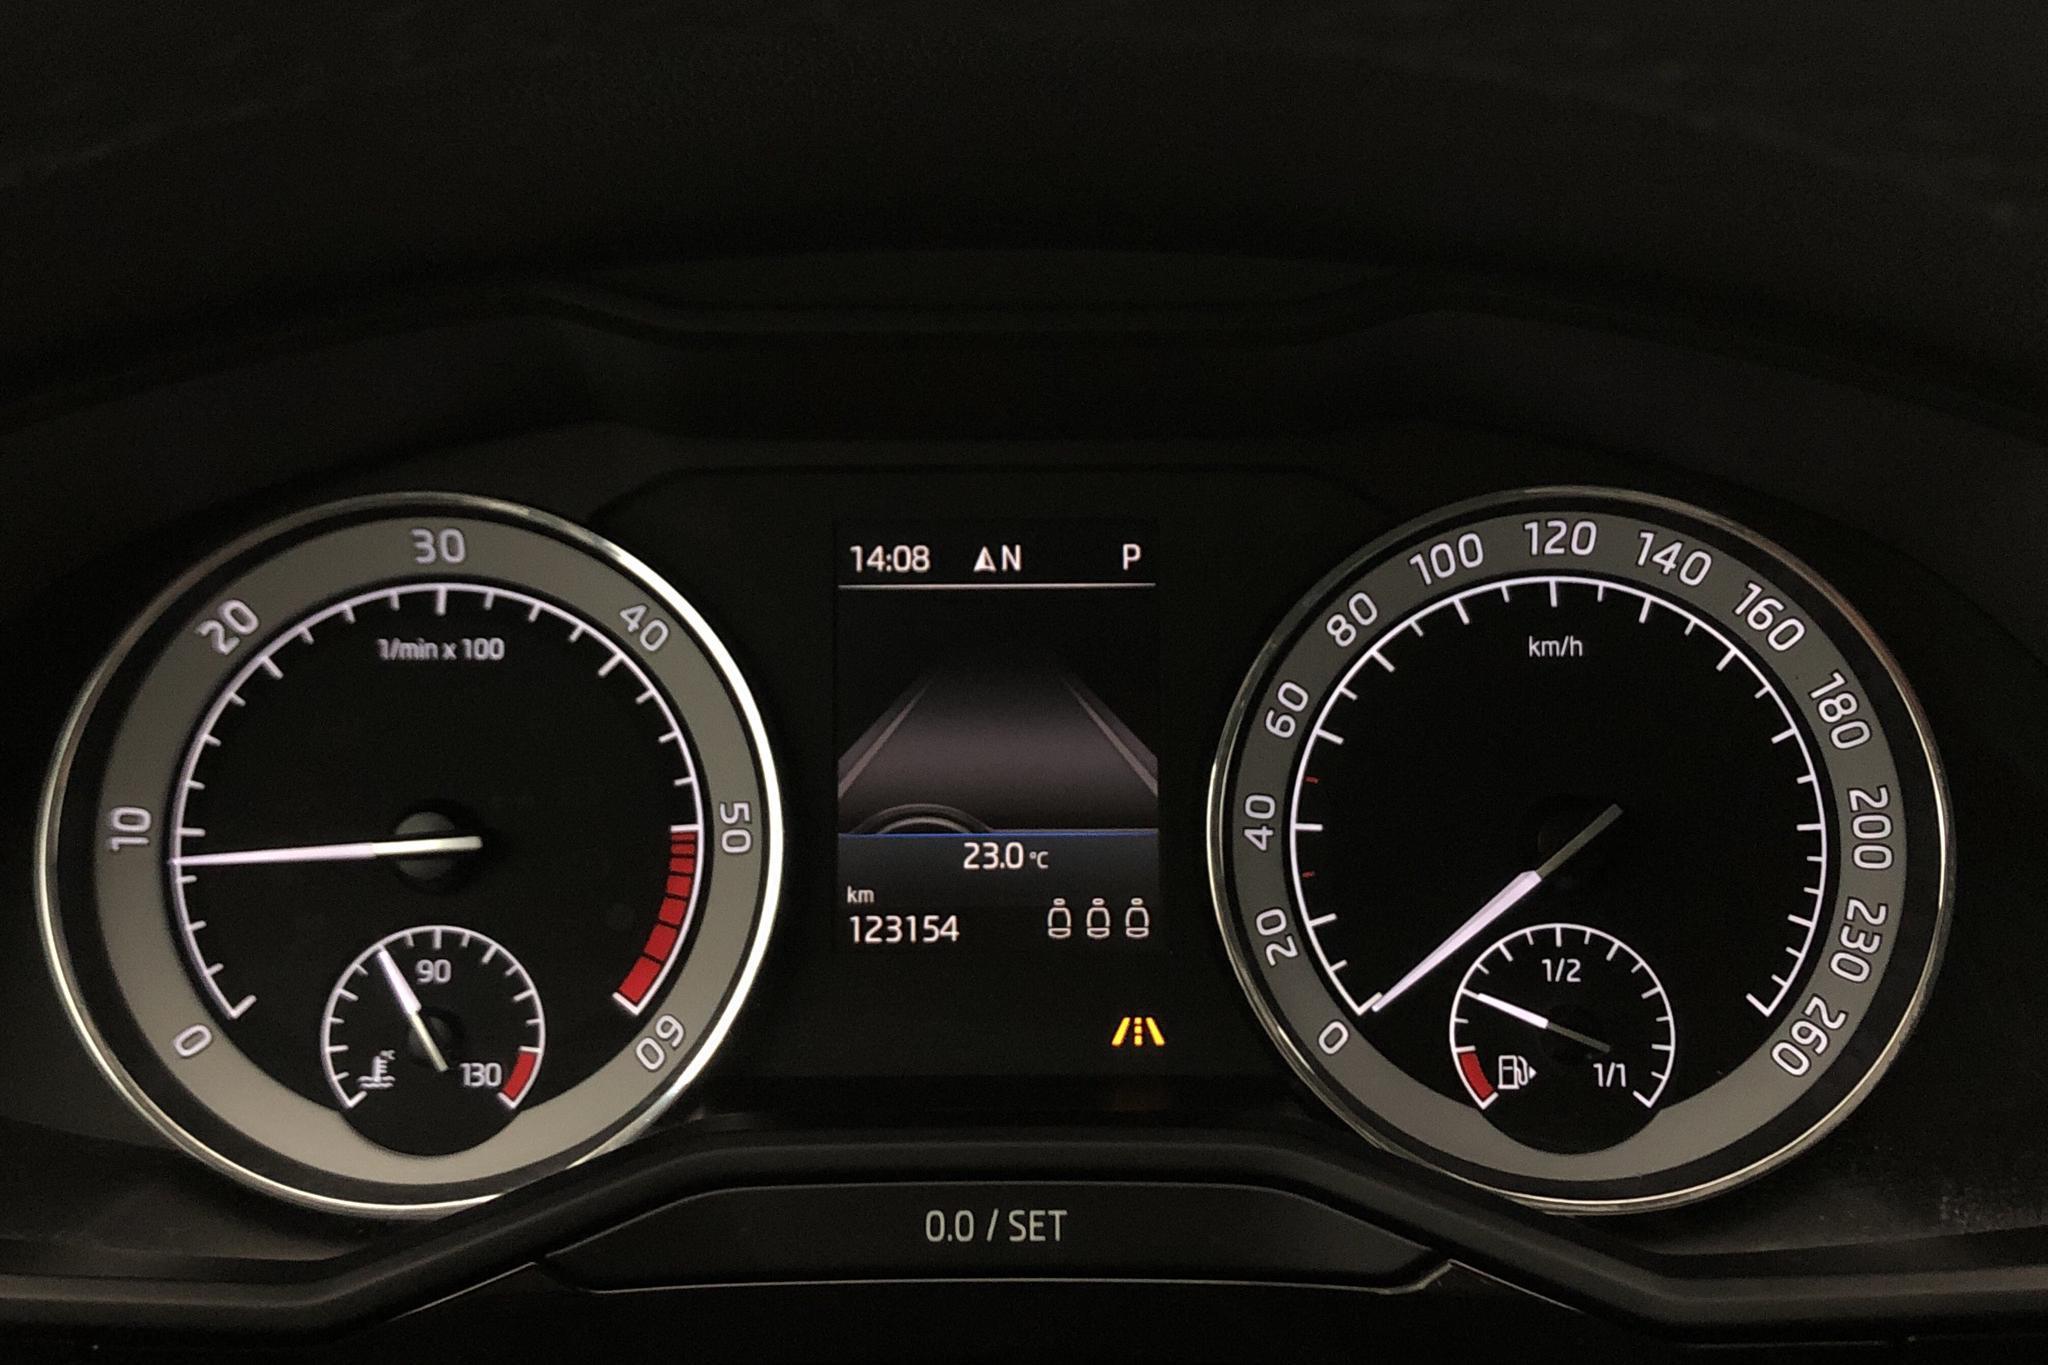 Skoda Superb 2.0 TDI 4x4 Kombi (190hk) - 12 315 mil - Automat - vit - 2018